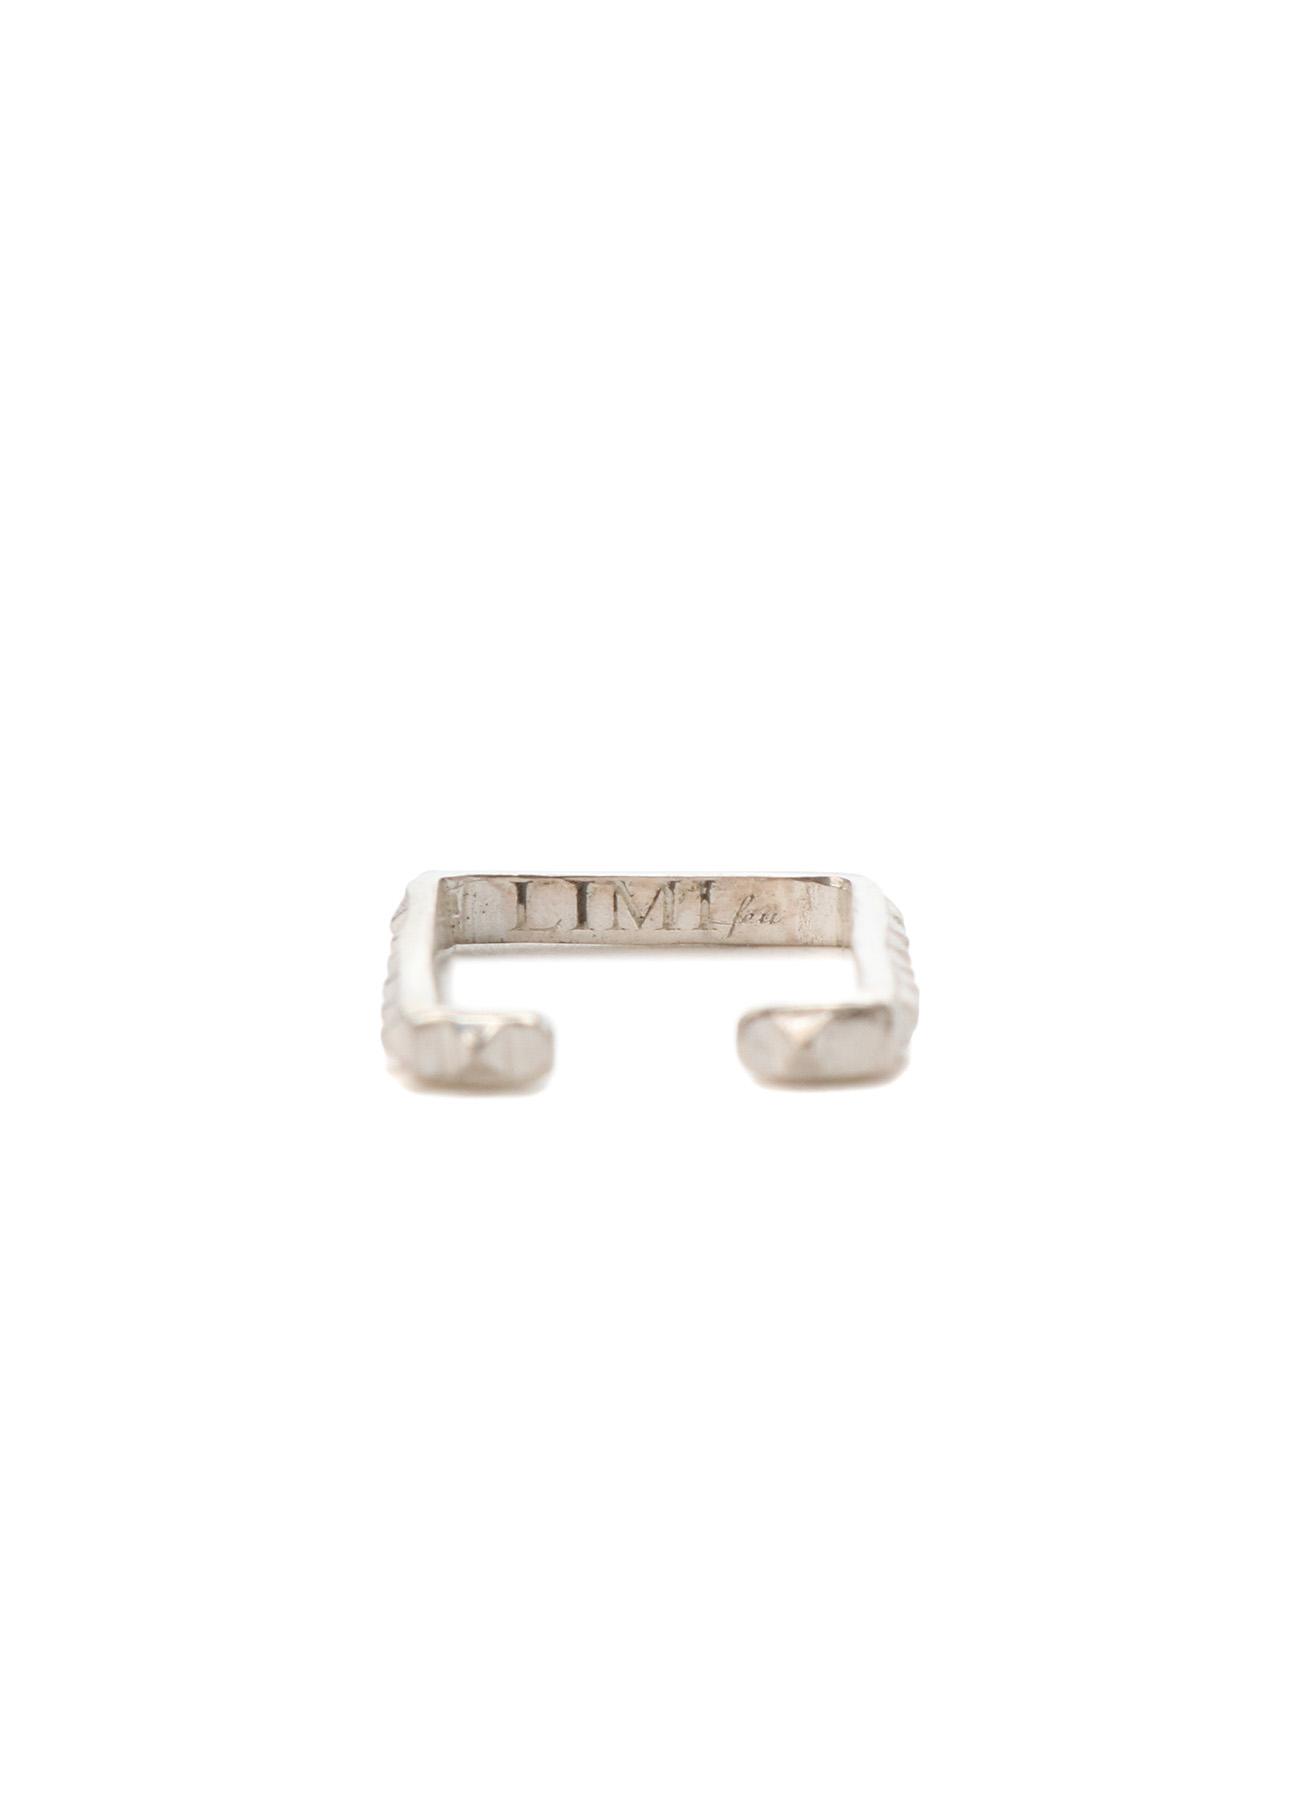 Silver 925 Ear Cuff B